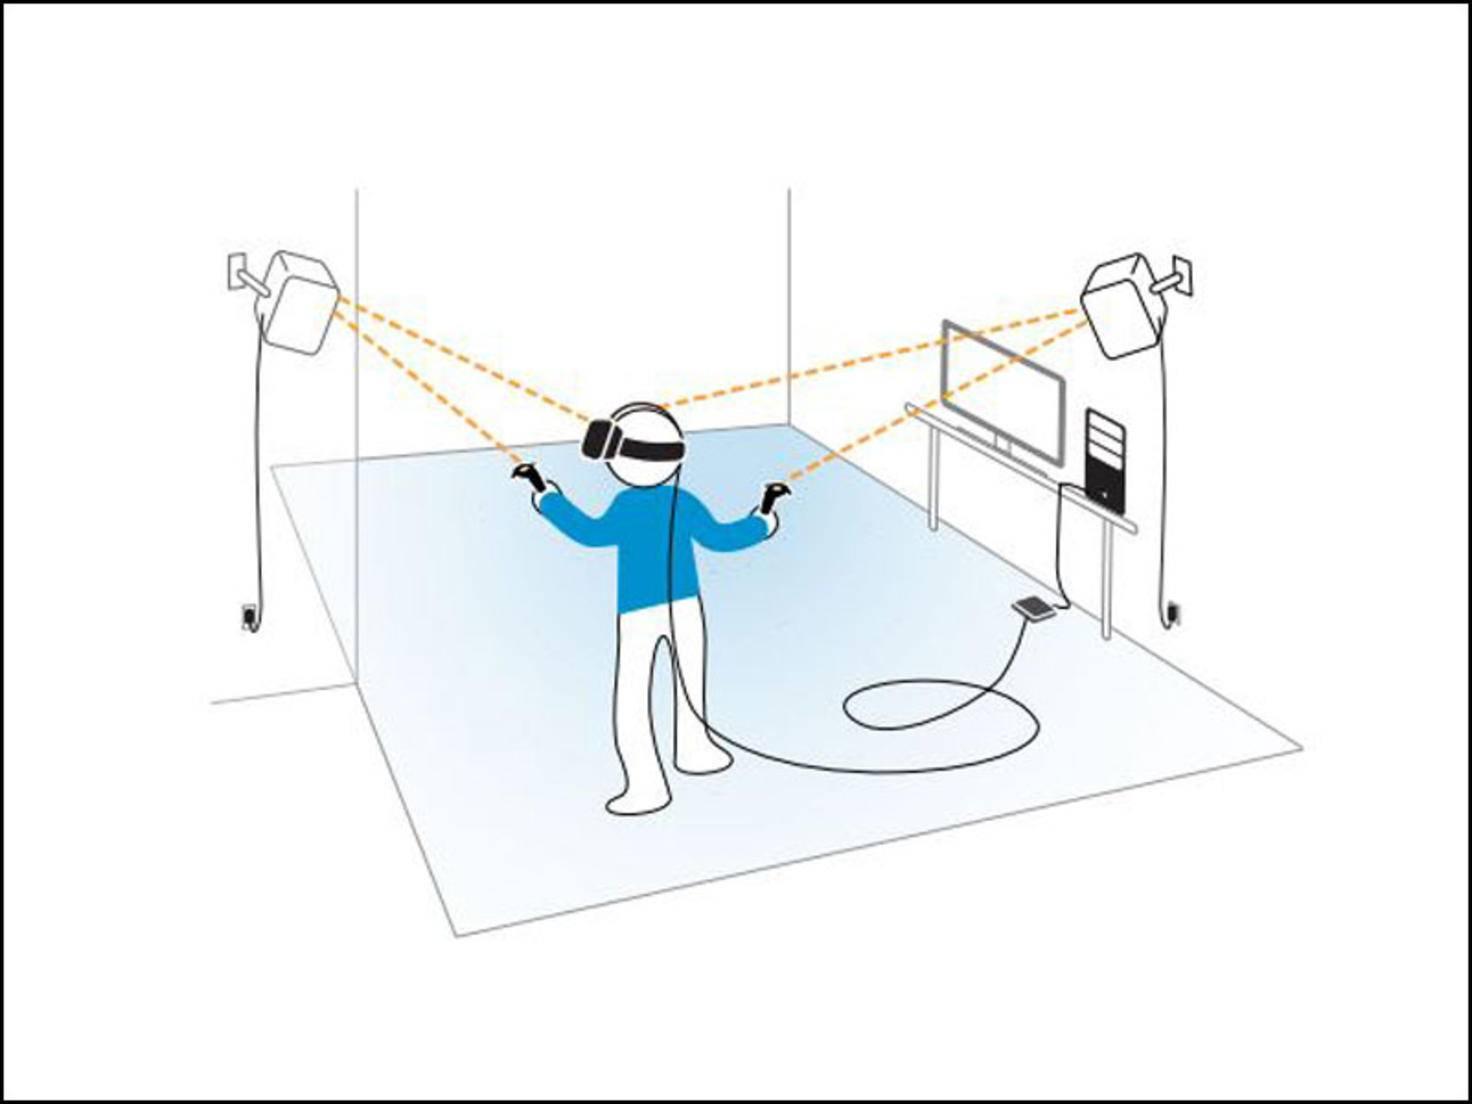 Die Base-Stations tracken die Bewegungen von Brille und Controllern im Raum.